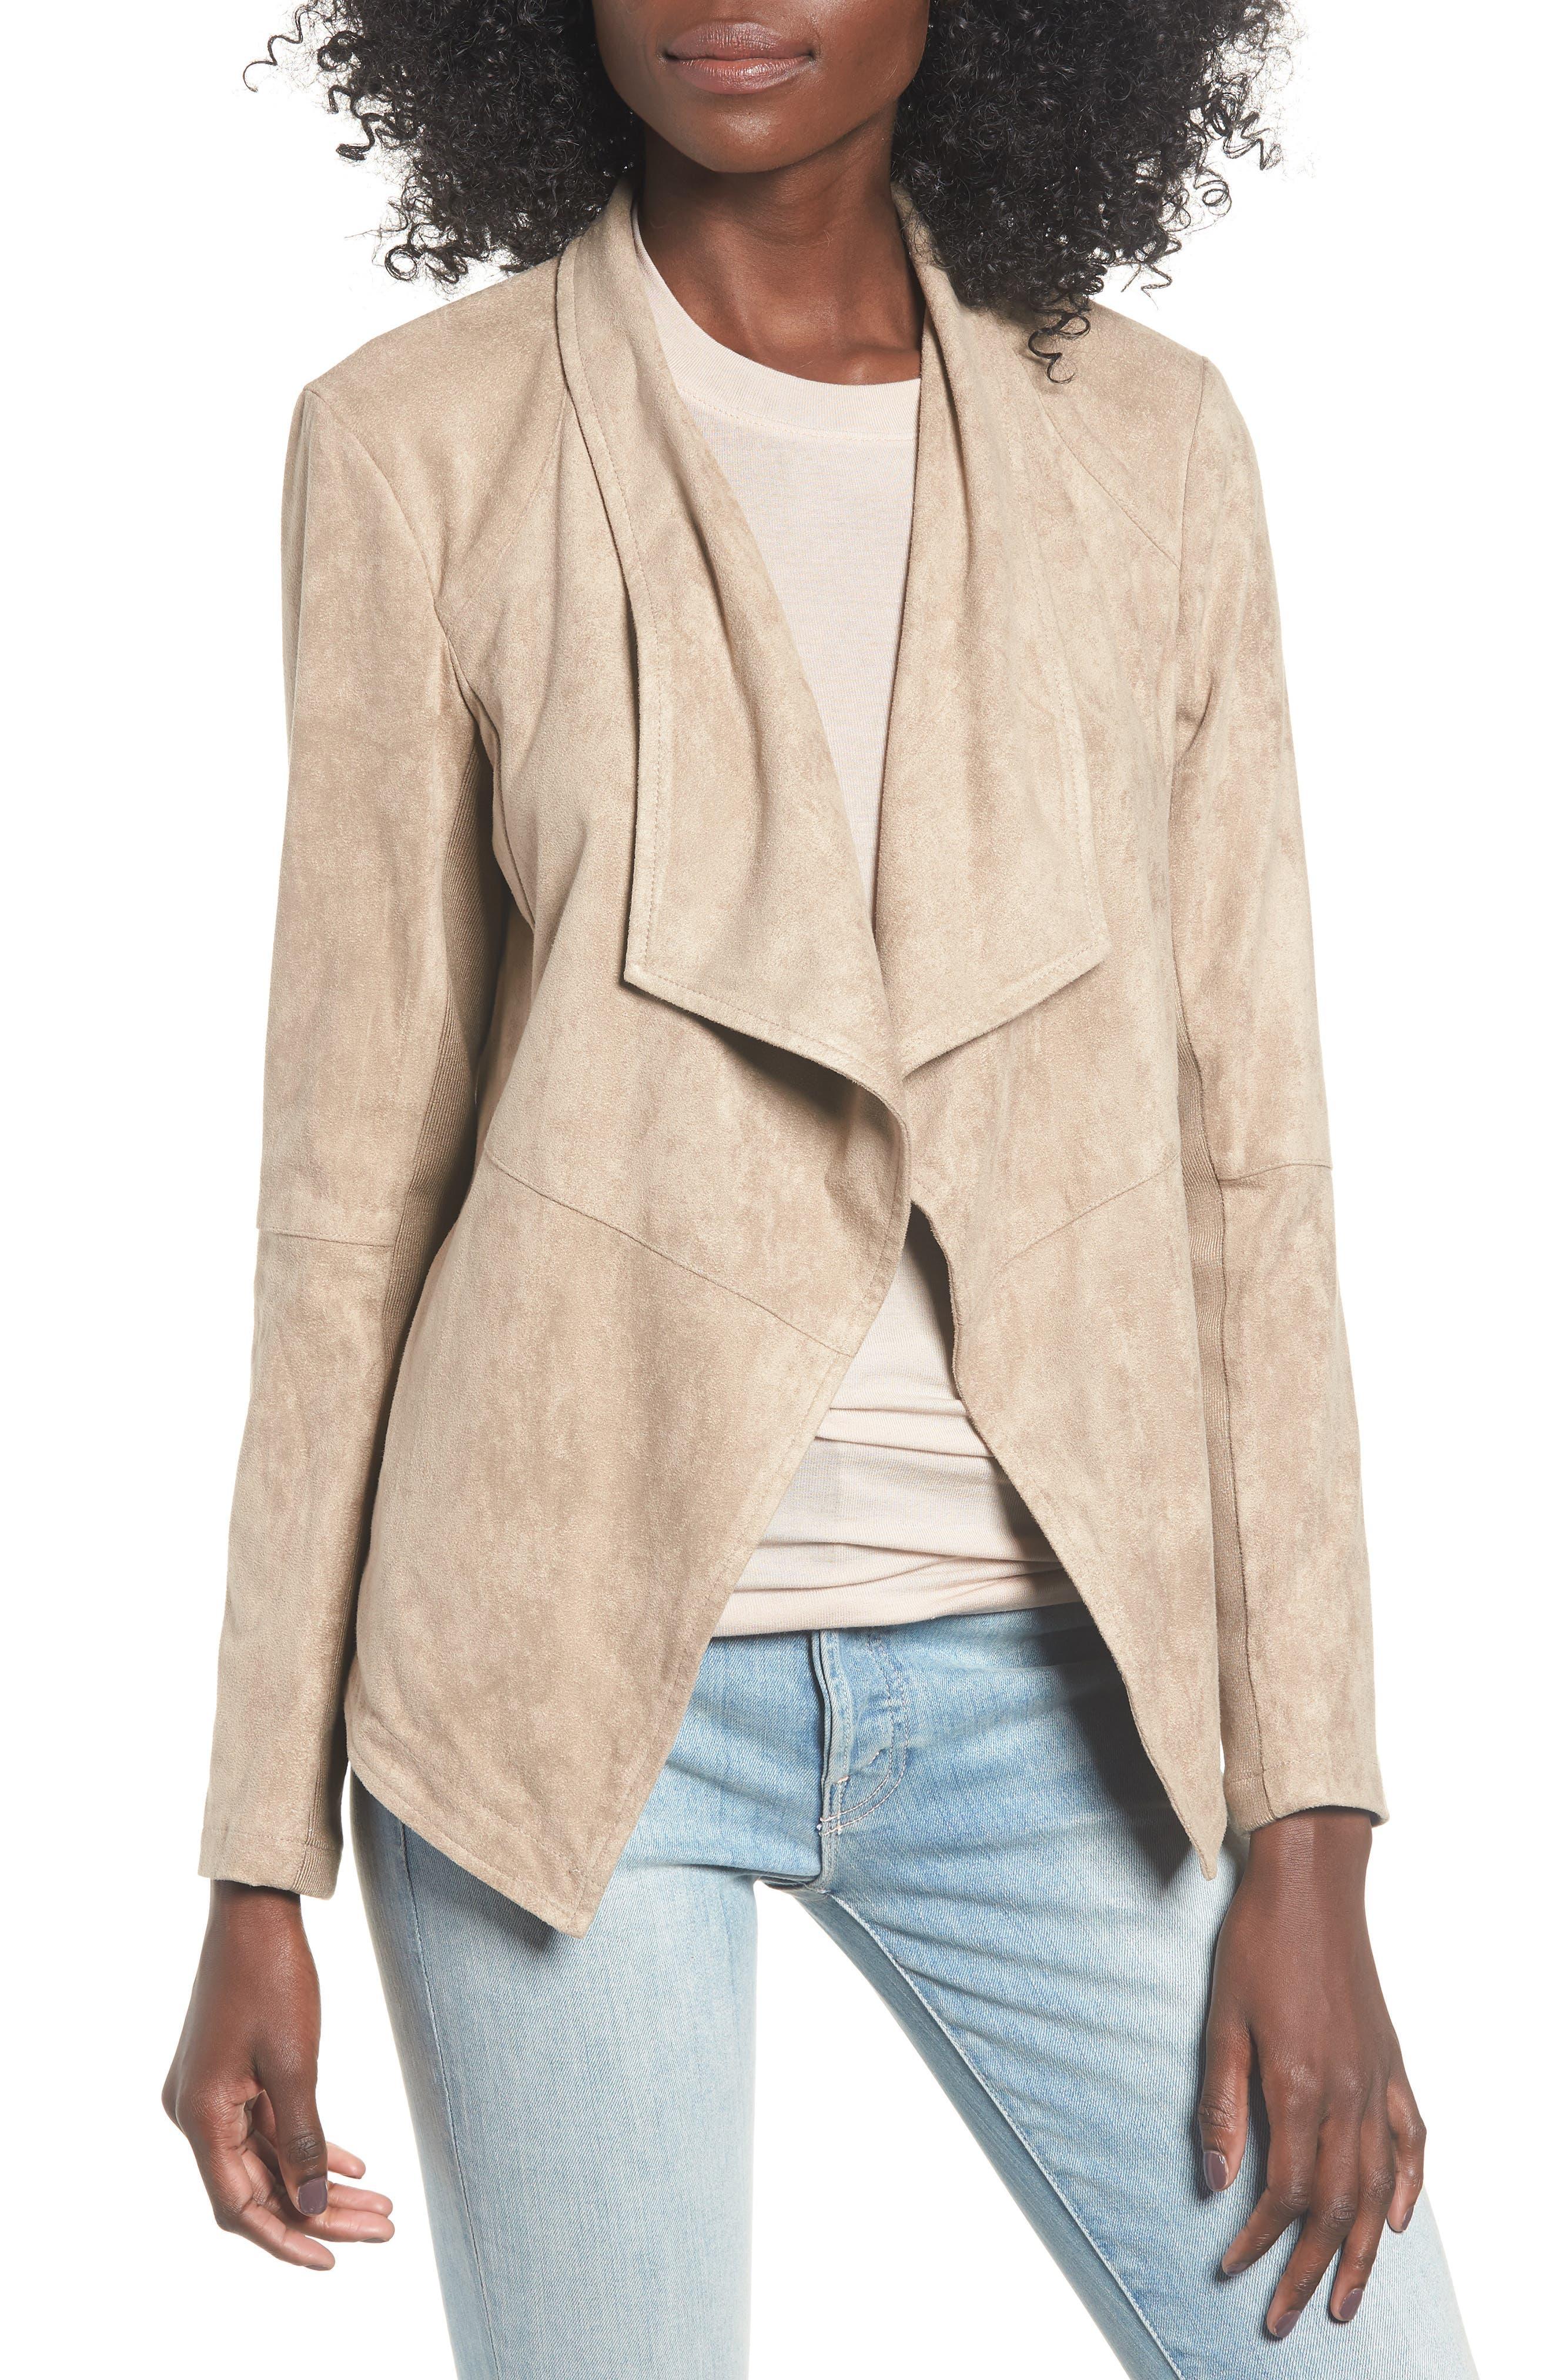 Nicholson Faux Suede Drape Front Jacket,                         Main,                         color, WARM STONE